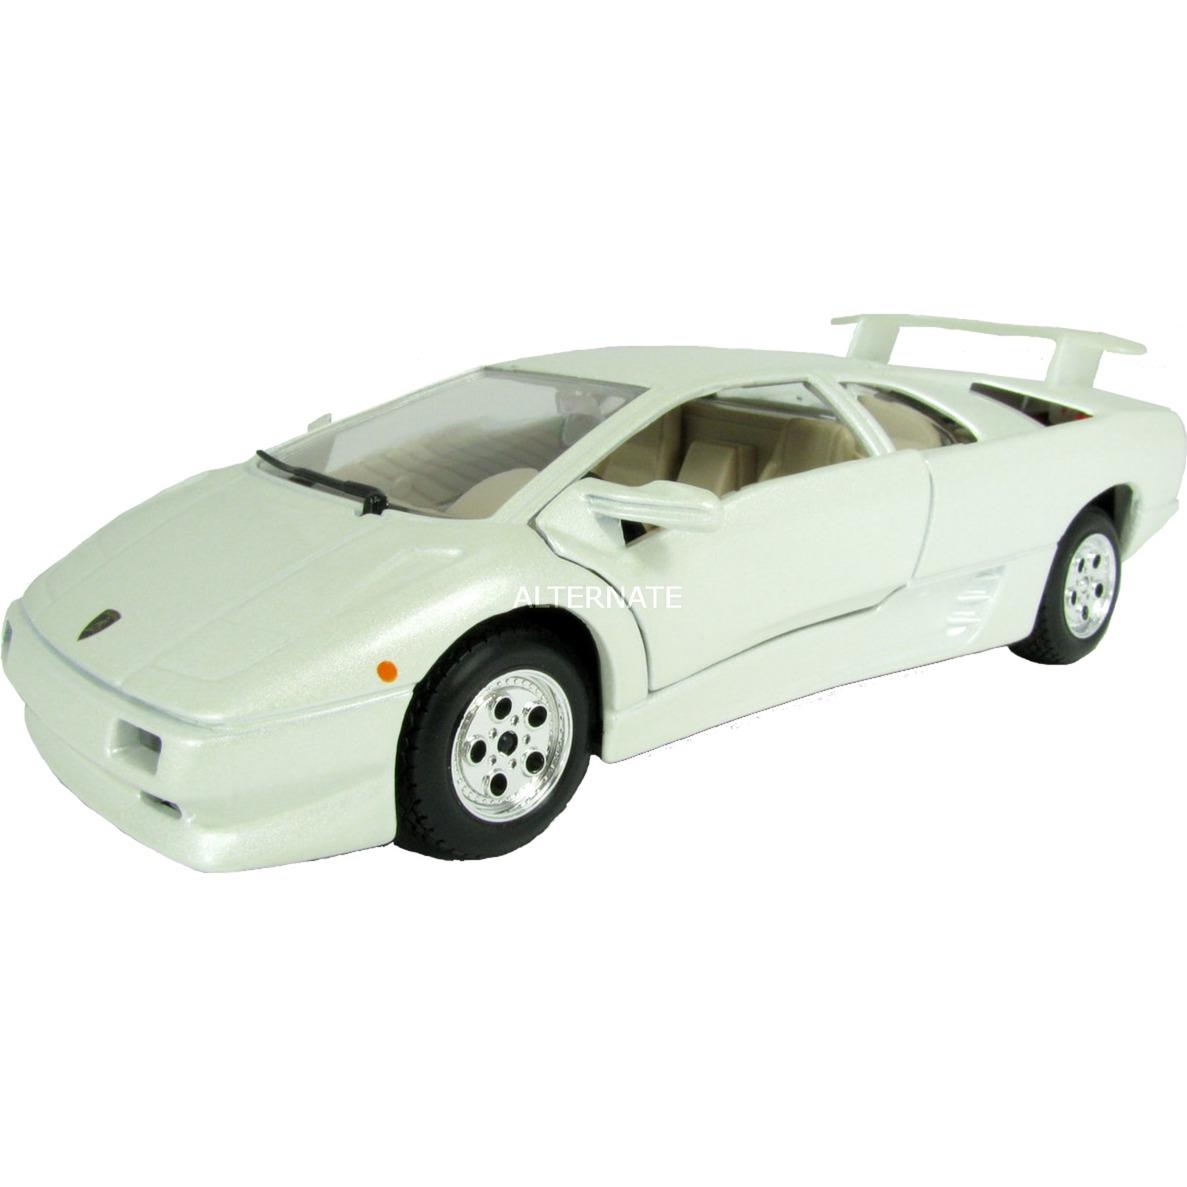 Bburago Lamborghini Diablo 1 24 Wit